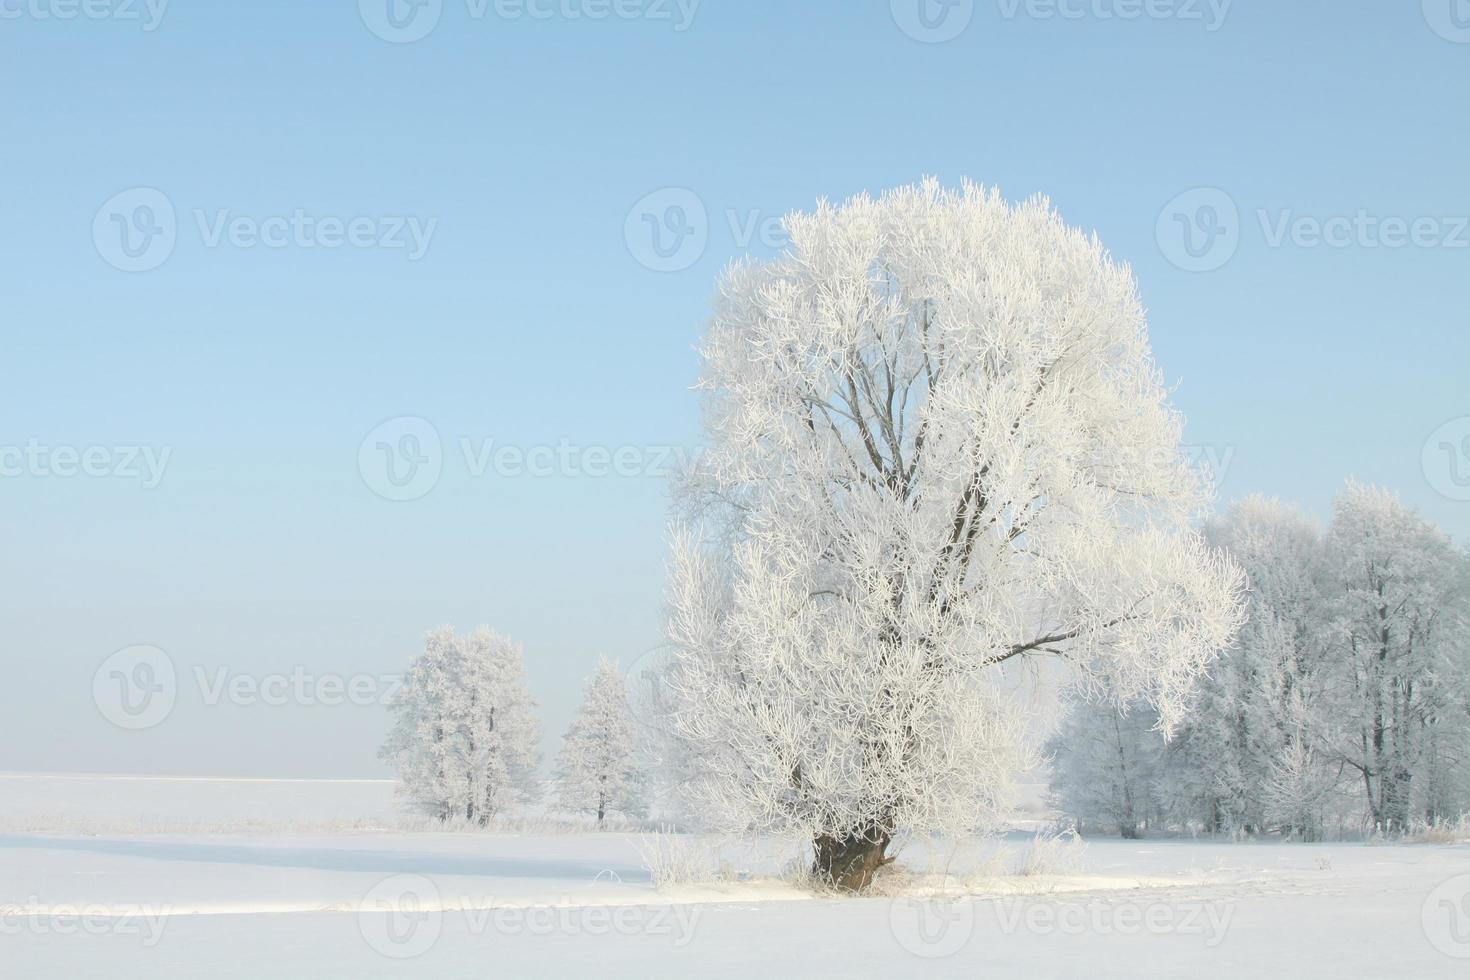 albero glassato in una mattina senza nuvole foto